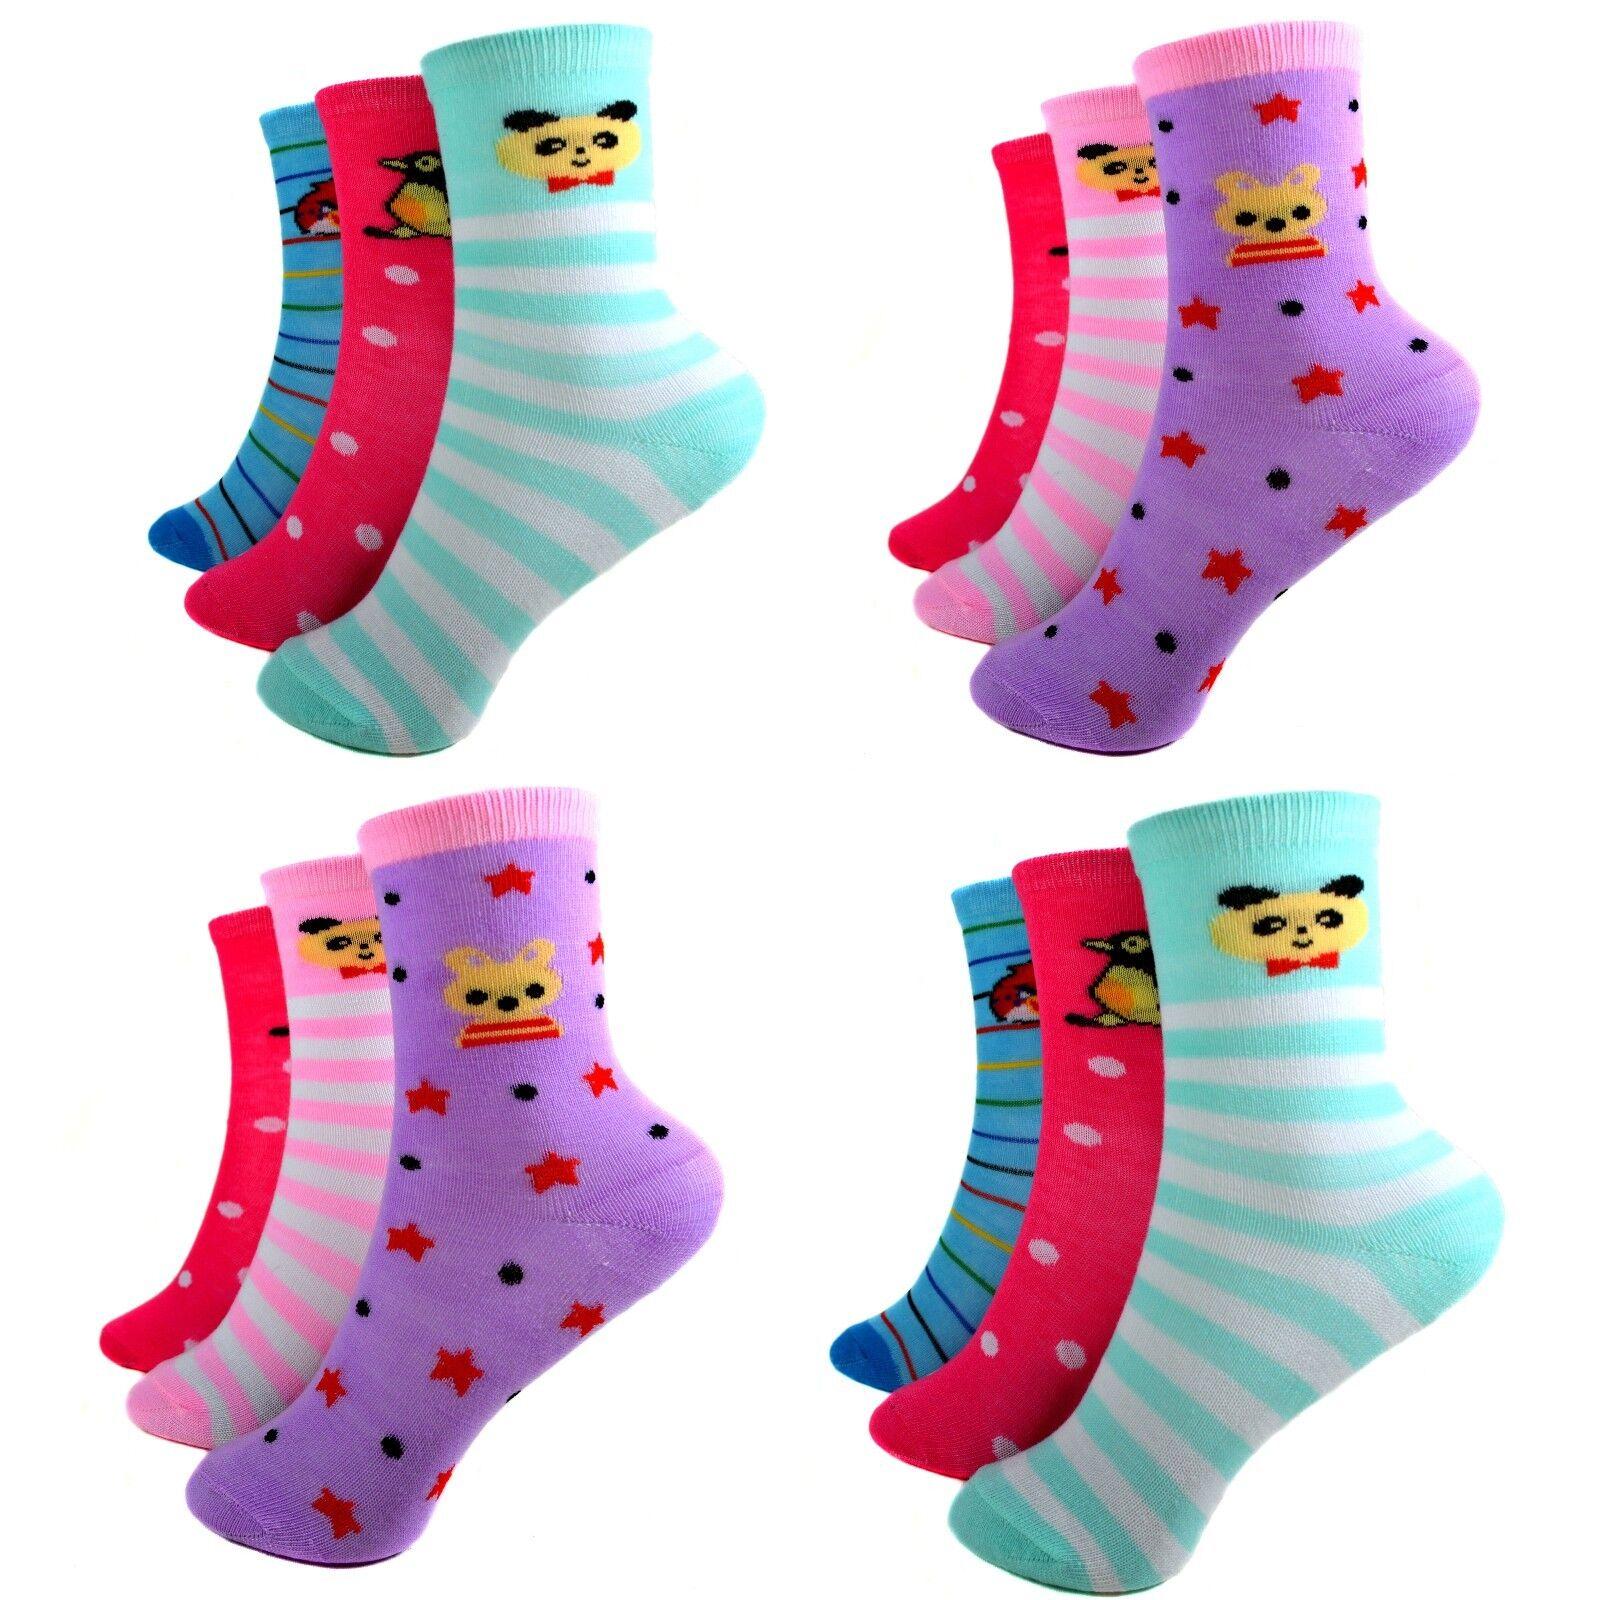 24 Paar Ladies Mädchen Socken Kinder Strümpfe 85% Baumwolle A.S-100 Gr. 23-38